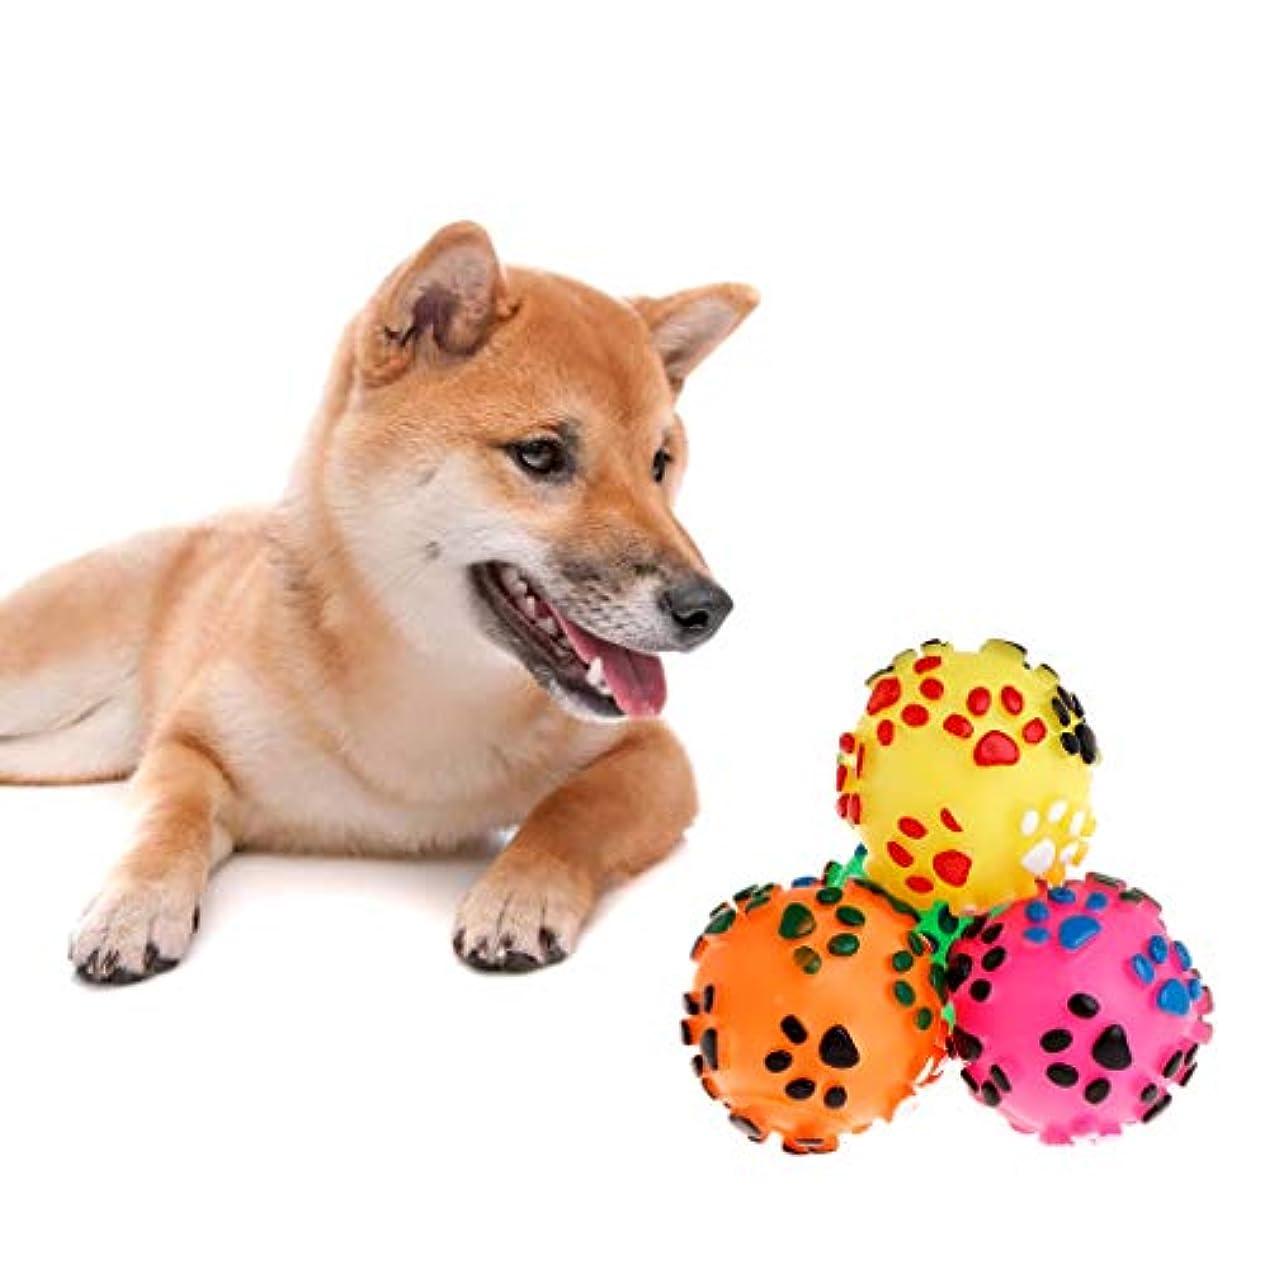 製品金属疑い者Yhiptop ペットのおもちゃボールラバーソフトフットプリントボールプレイインタラクティブ犬子犬猫マッサージきしむ臼歯噛む噛むおもちゃ用品